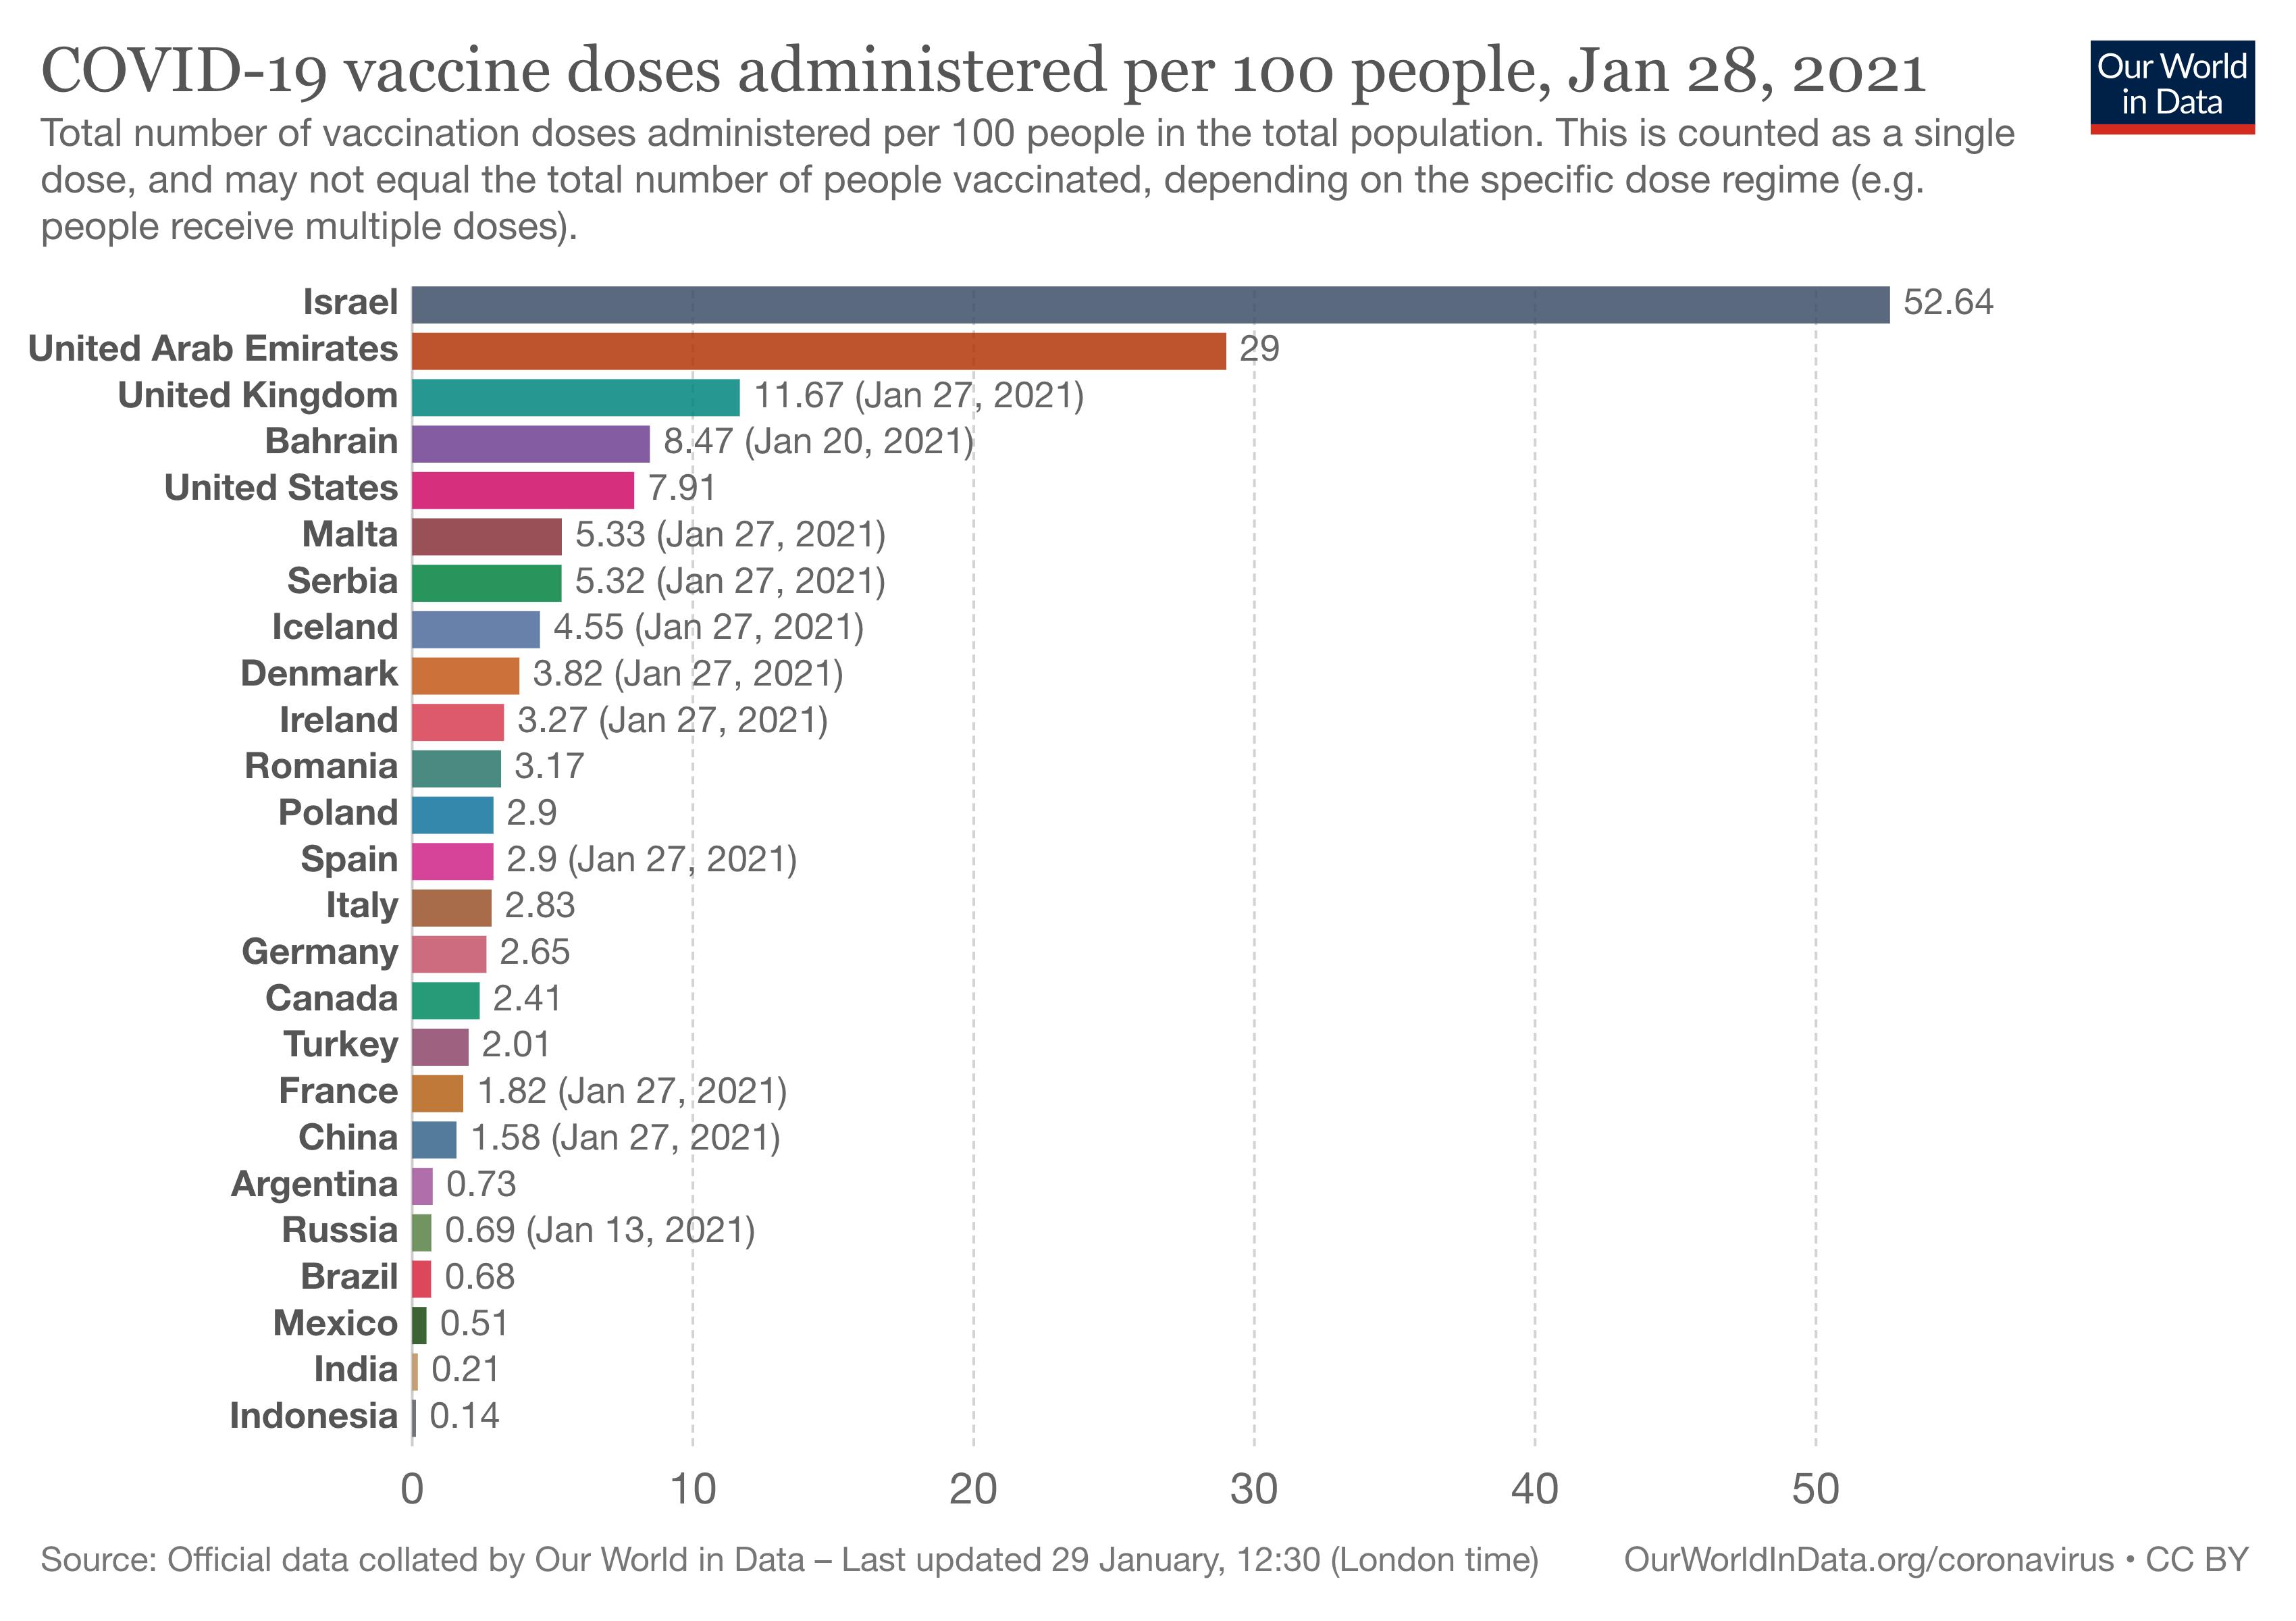 szczepienia przeciw COVID-19 na 100 osób